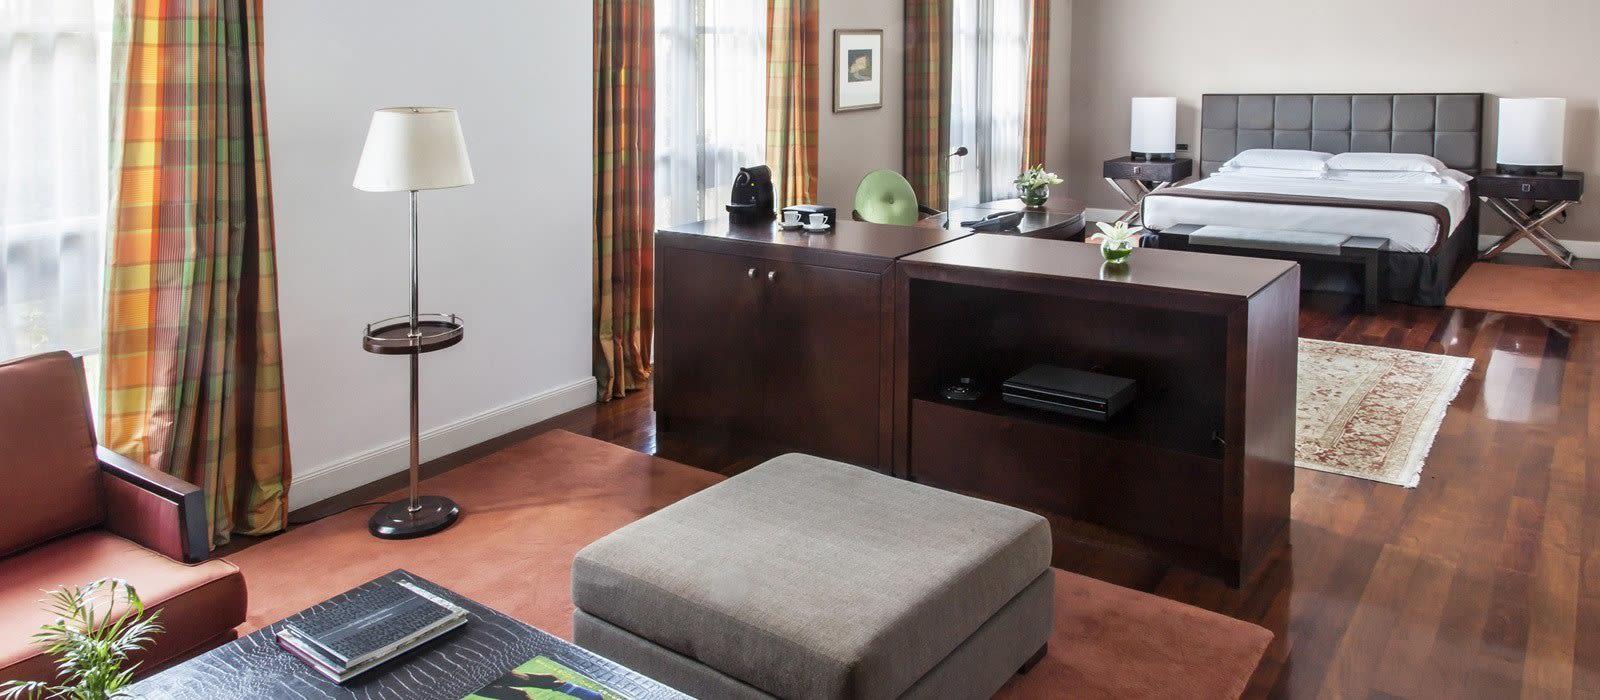 Hotel Palacio Duhau – Park Hyatt Argentina